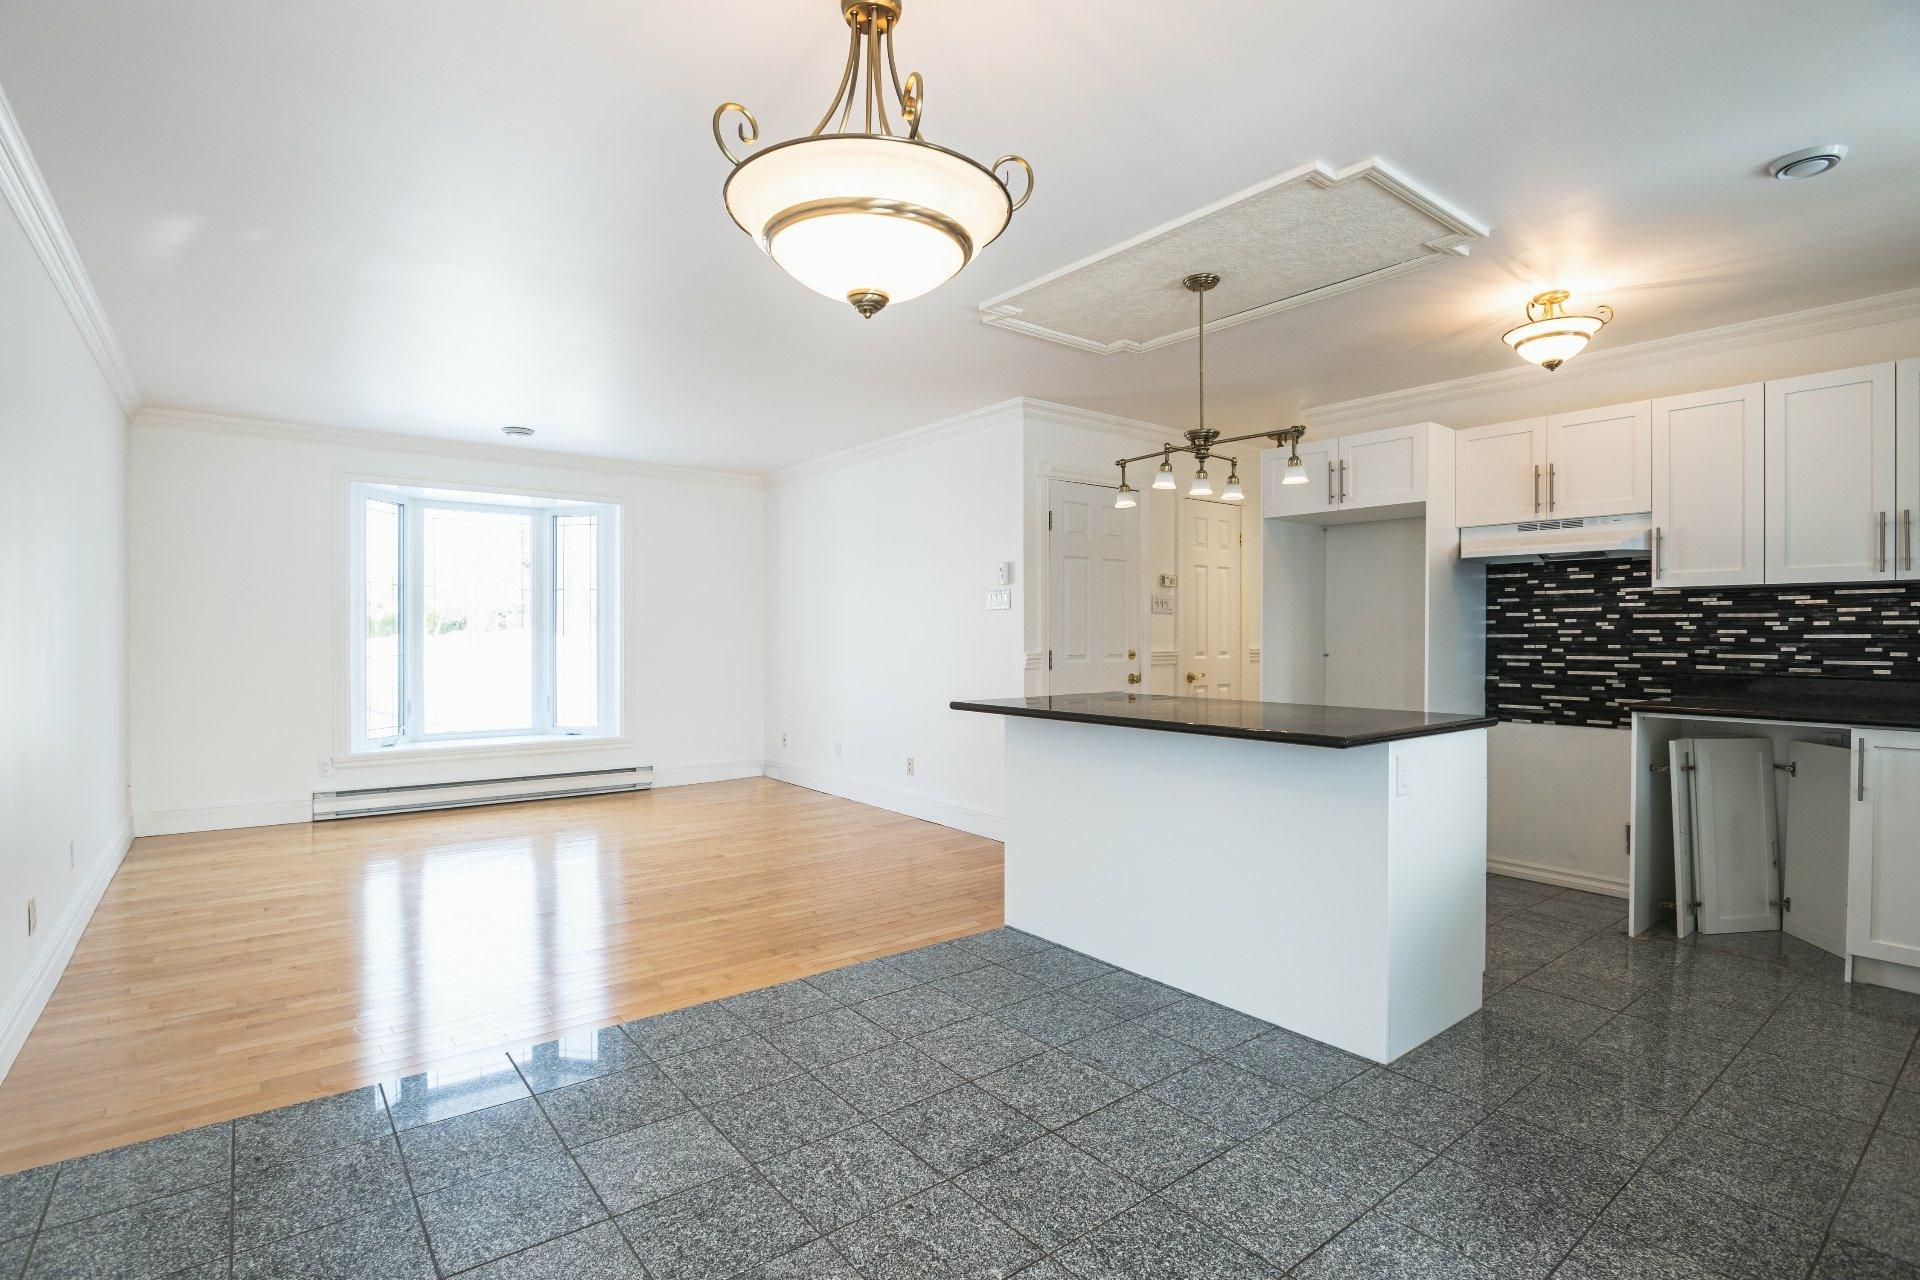 image 4 - Duplex For sale Saint-Augustin-de-Desmaures - 6 rooms